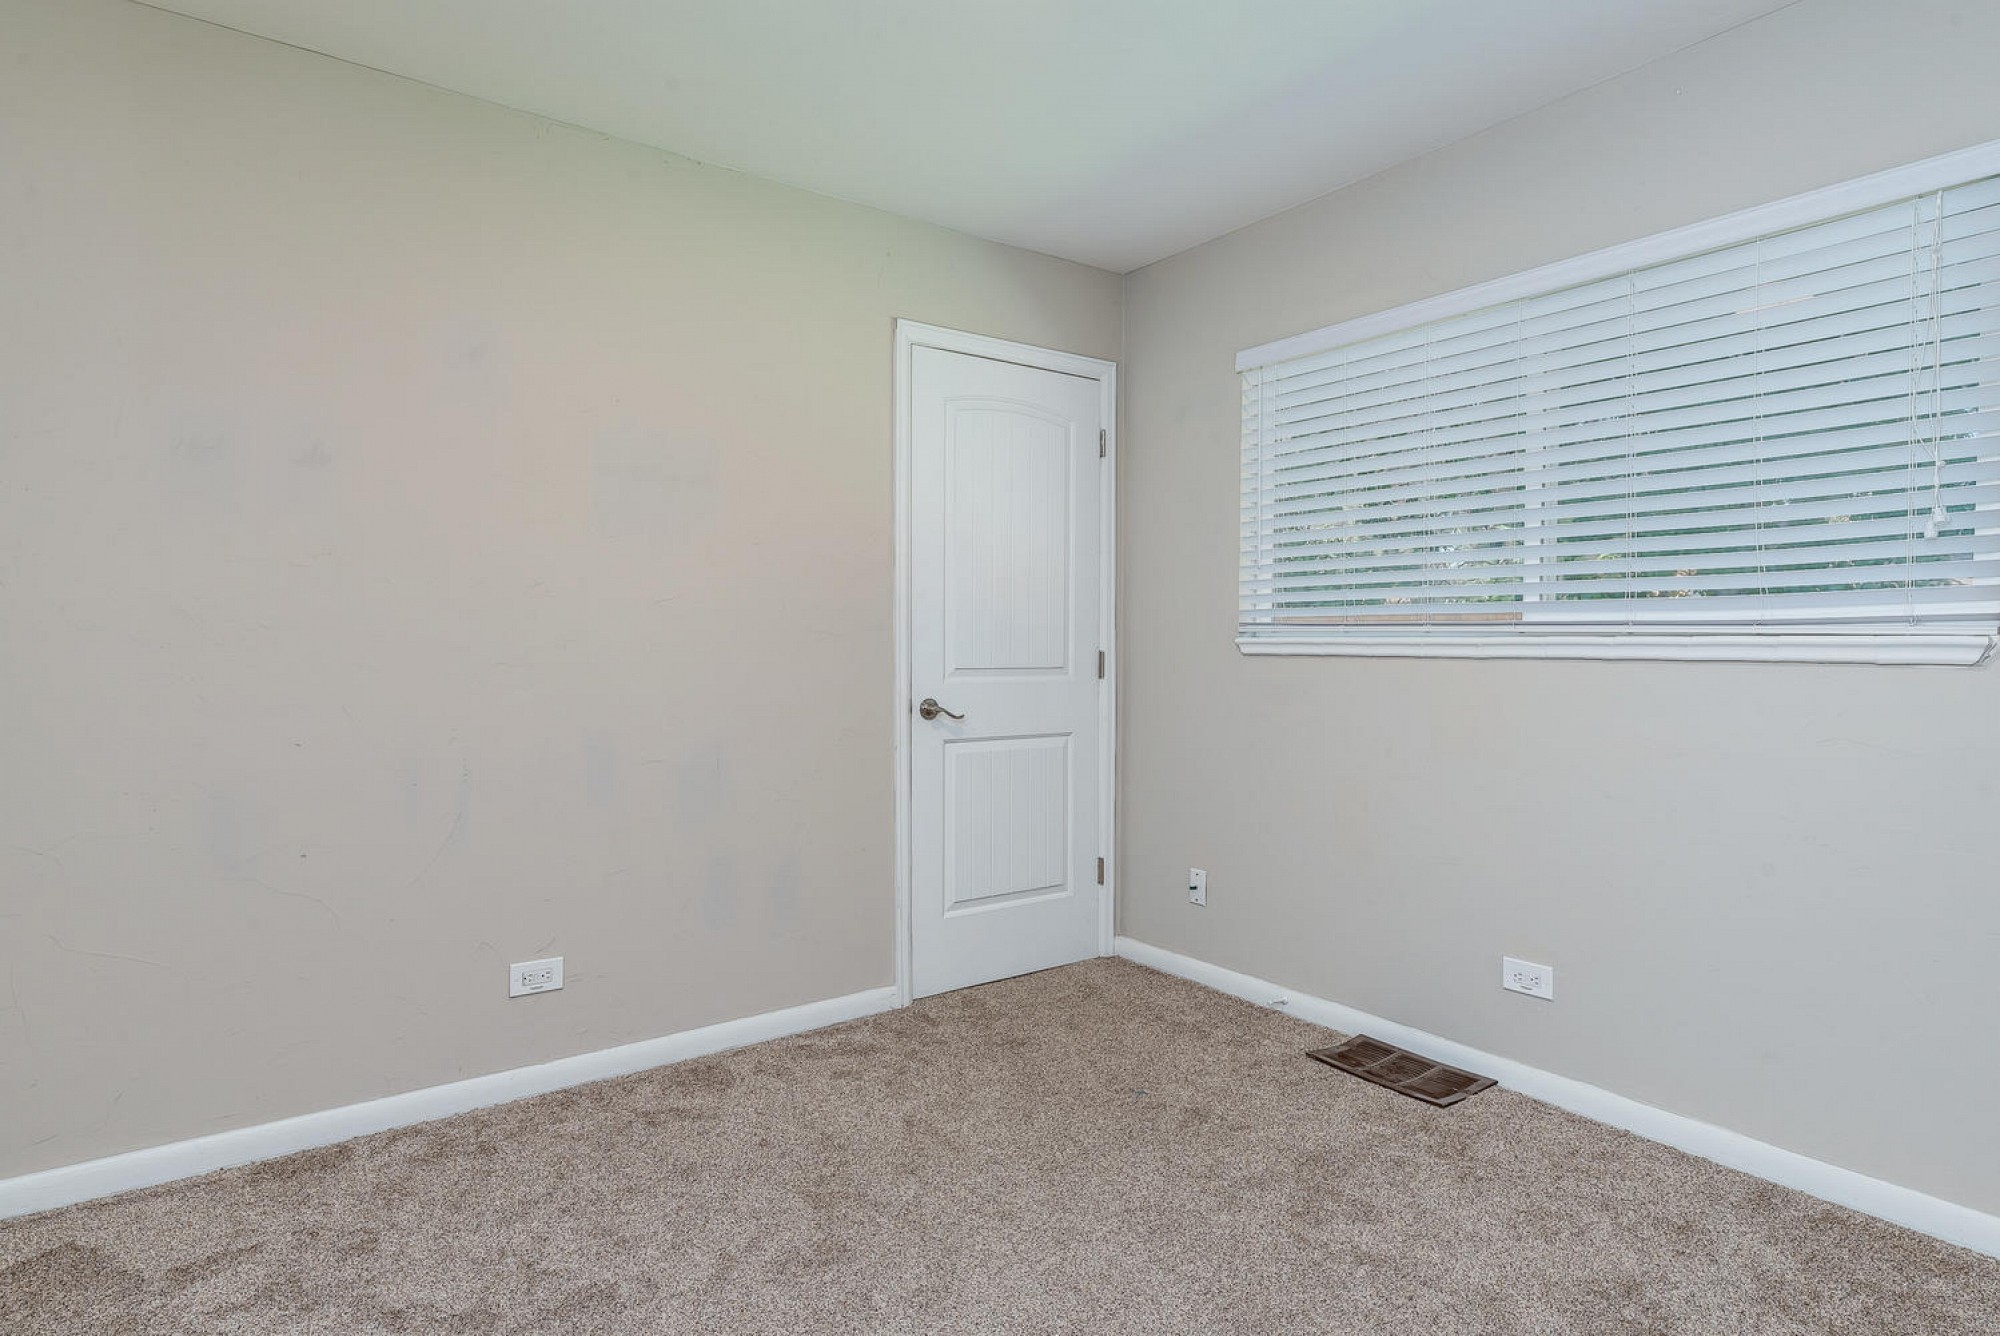 2861 S. Jackson Street, Denver, CO 80210